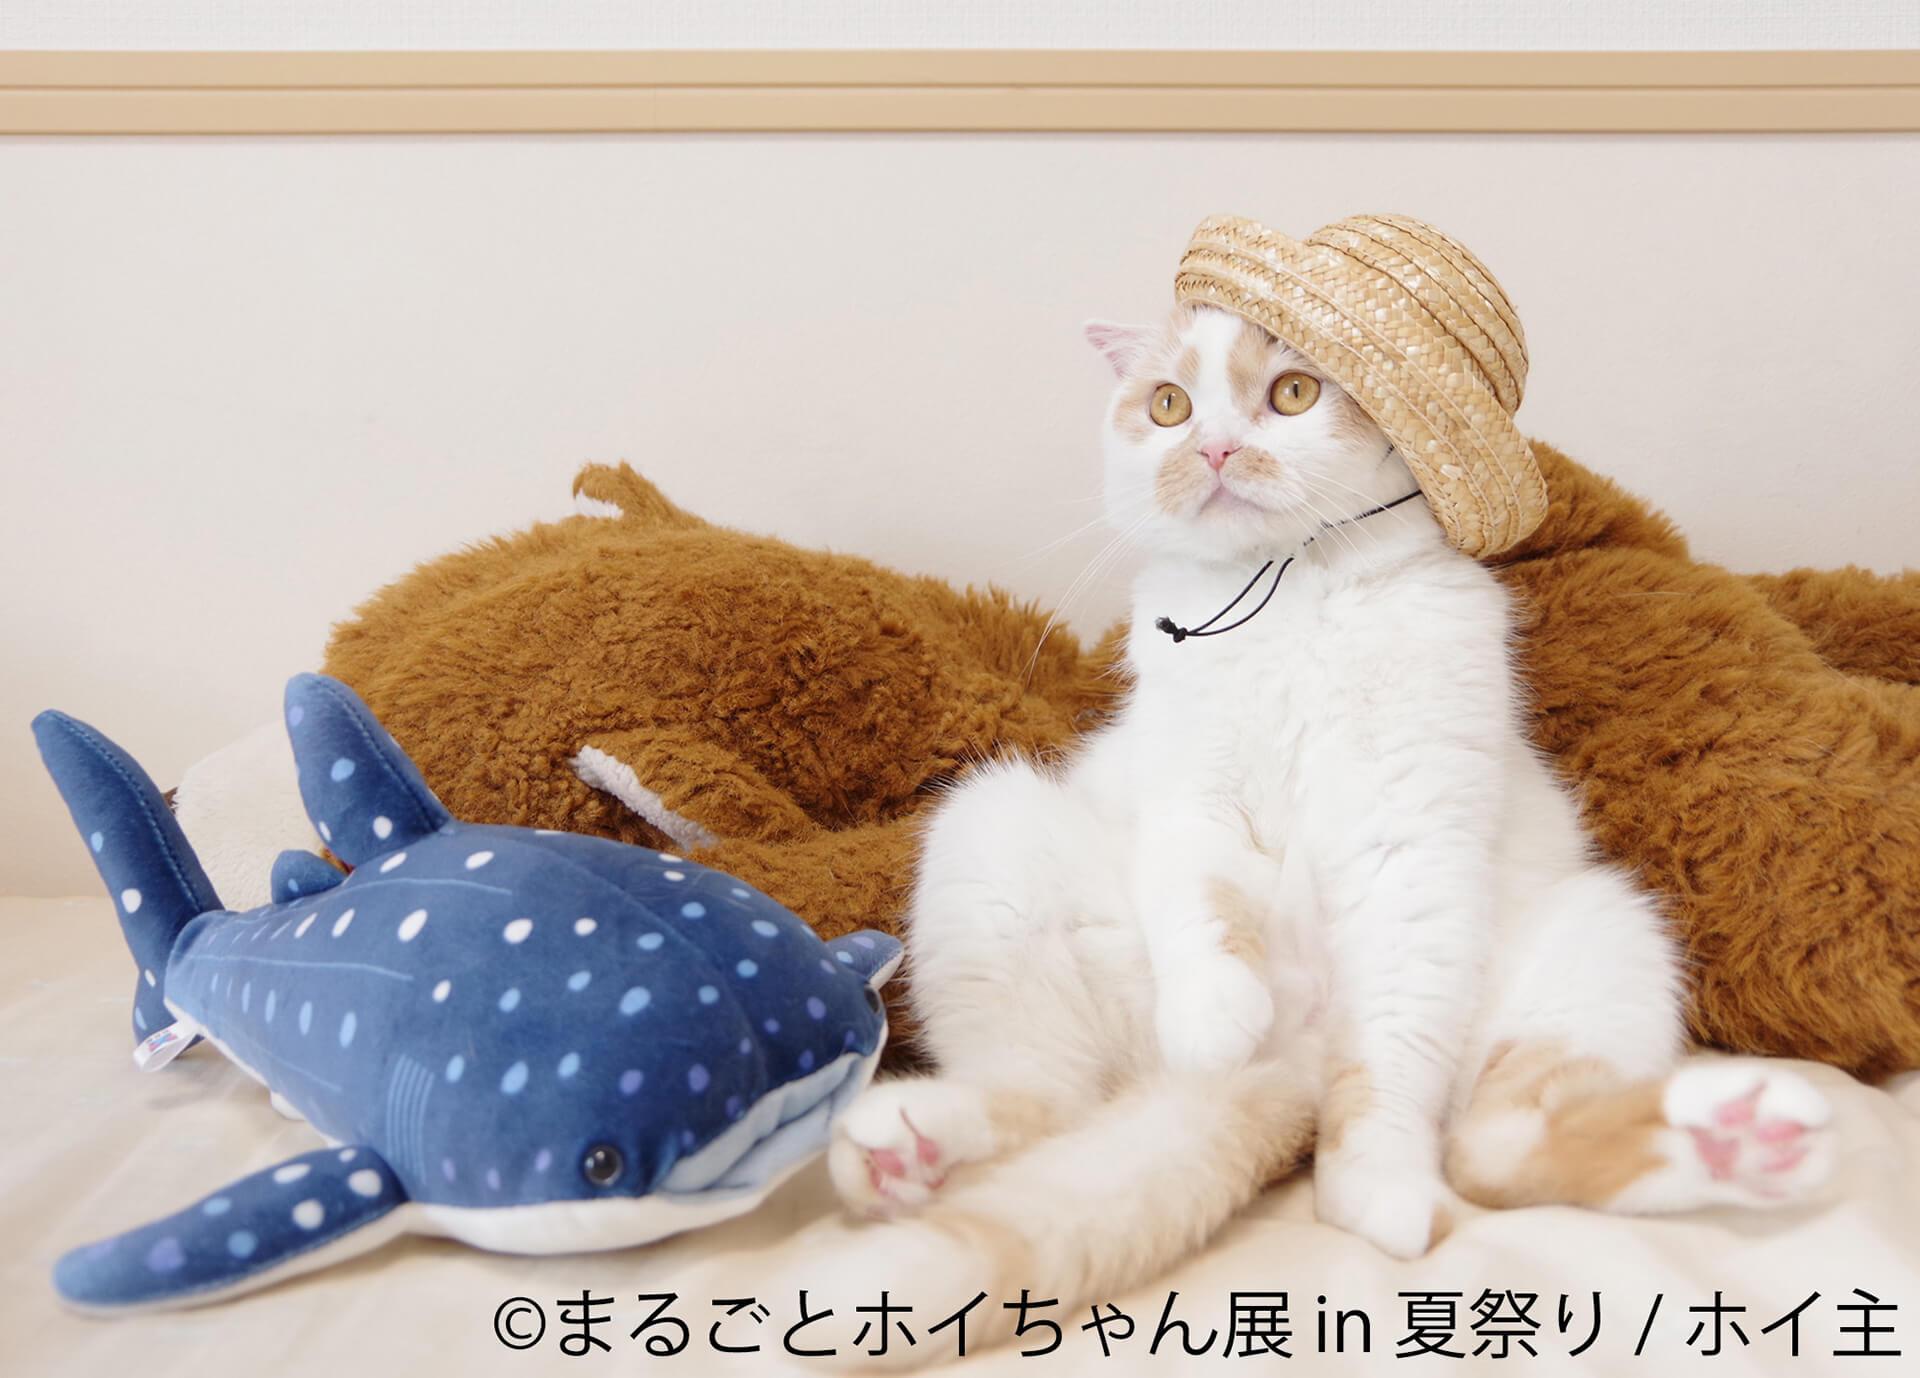 この写真はまるごとホイちゃん展 in 夏祭りの展示例。ホイちゃんが麦わら帽子を被っています